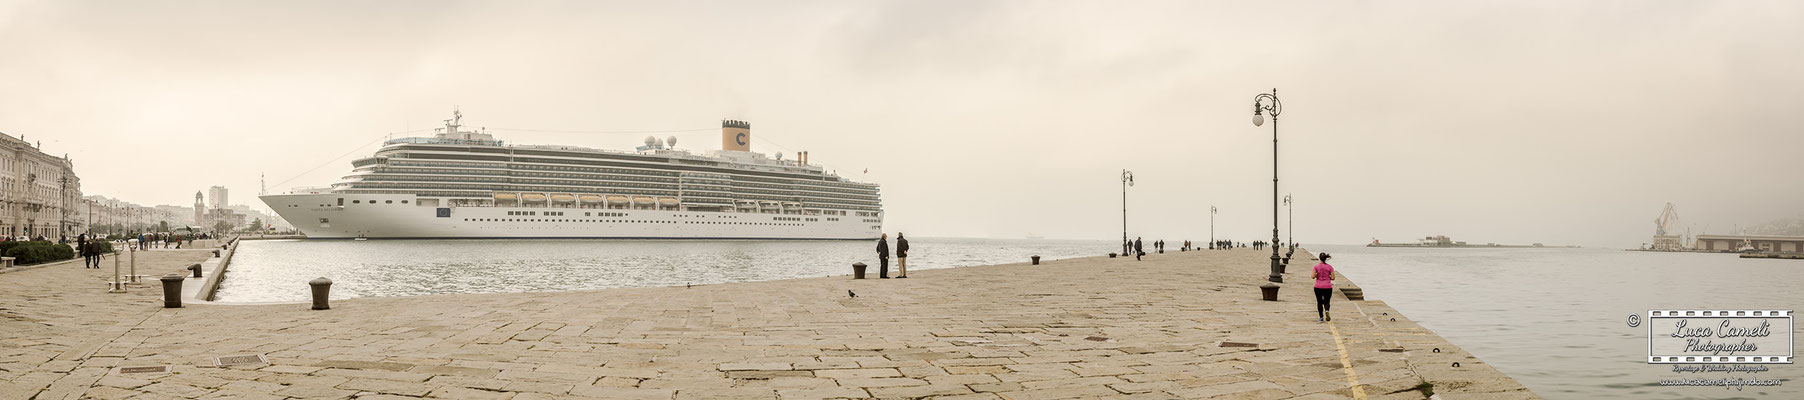 Trieste - Molo Audace, Le Rive, Costa Crociere